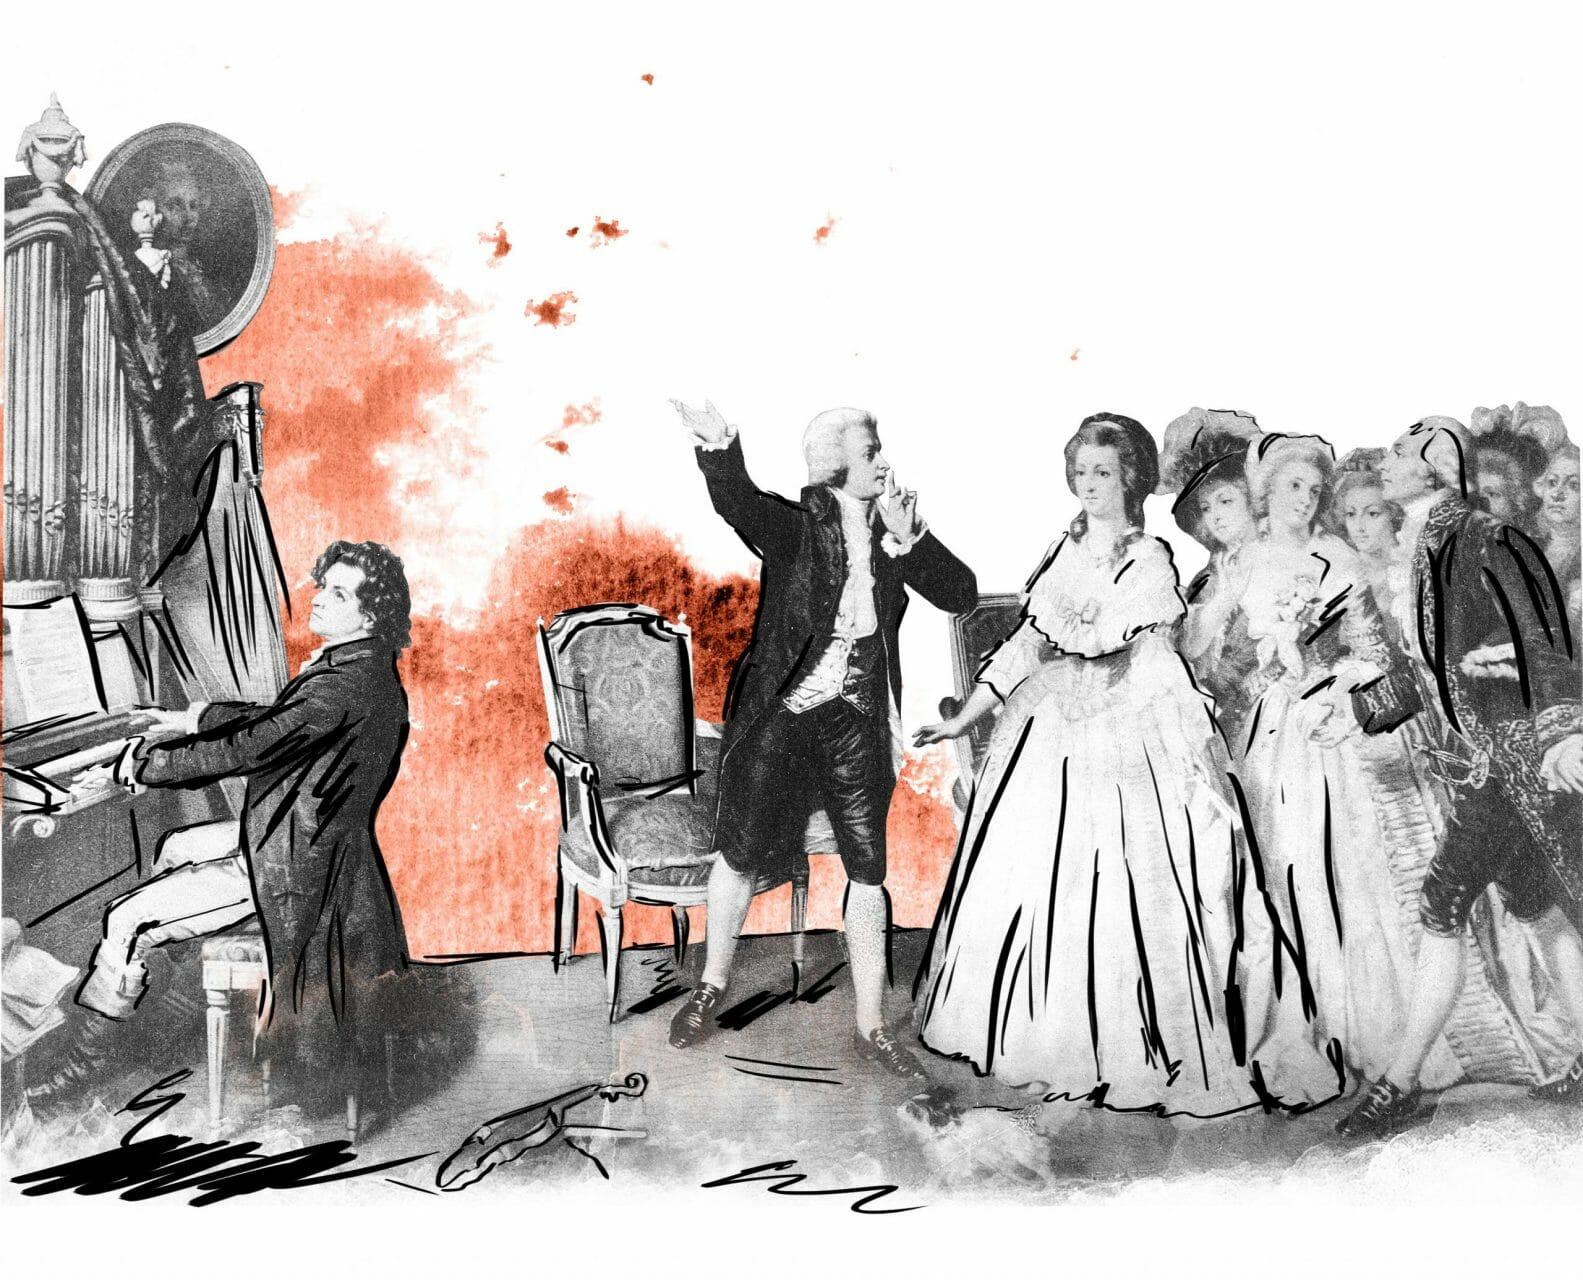 Links im Bild spielt Beethoven an einer Orgel. In der Mitte steht Mozart und bittet mit dem Finger auf dem Mund eine Gruppe Damen still zu sein.